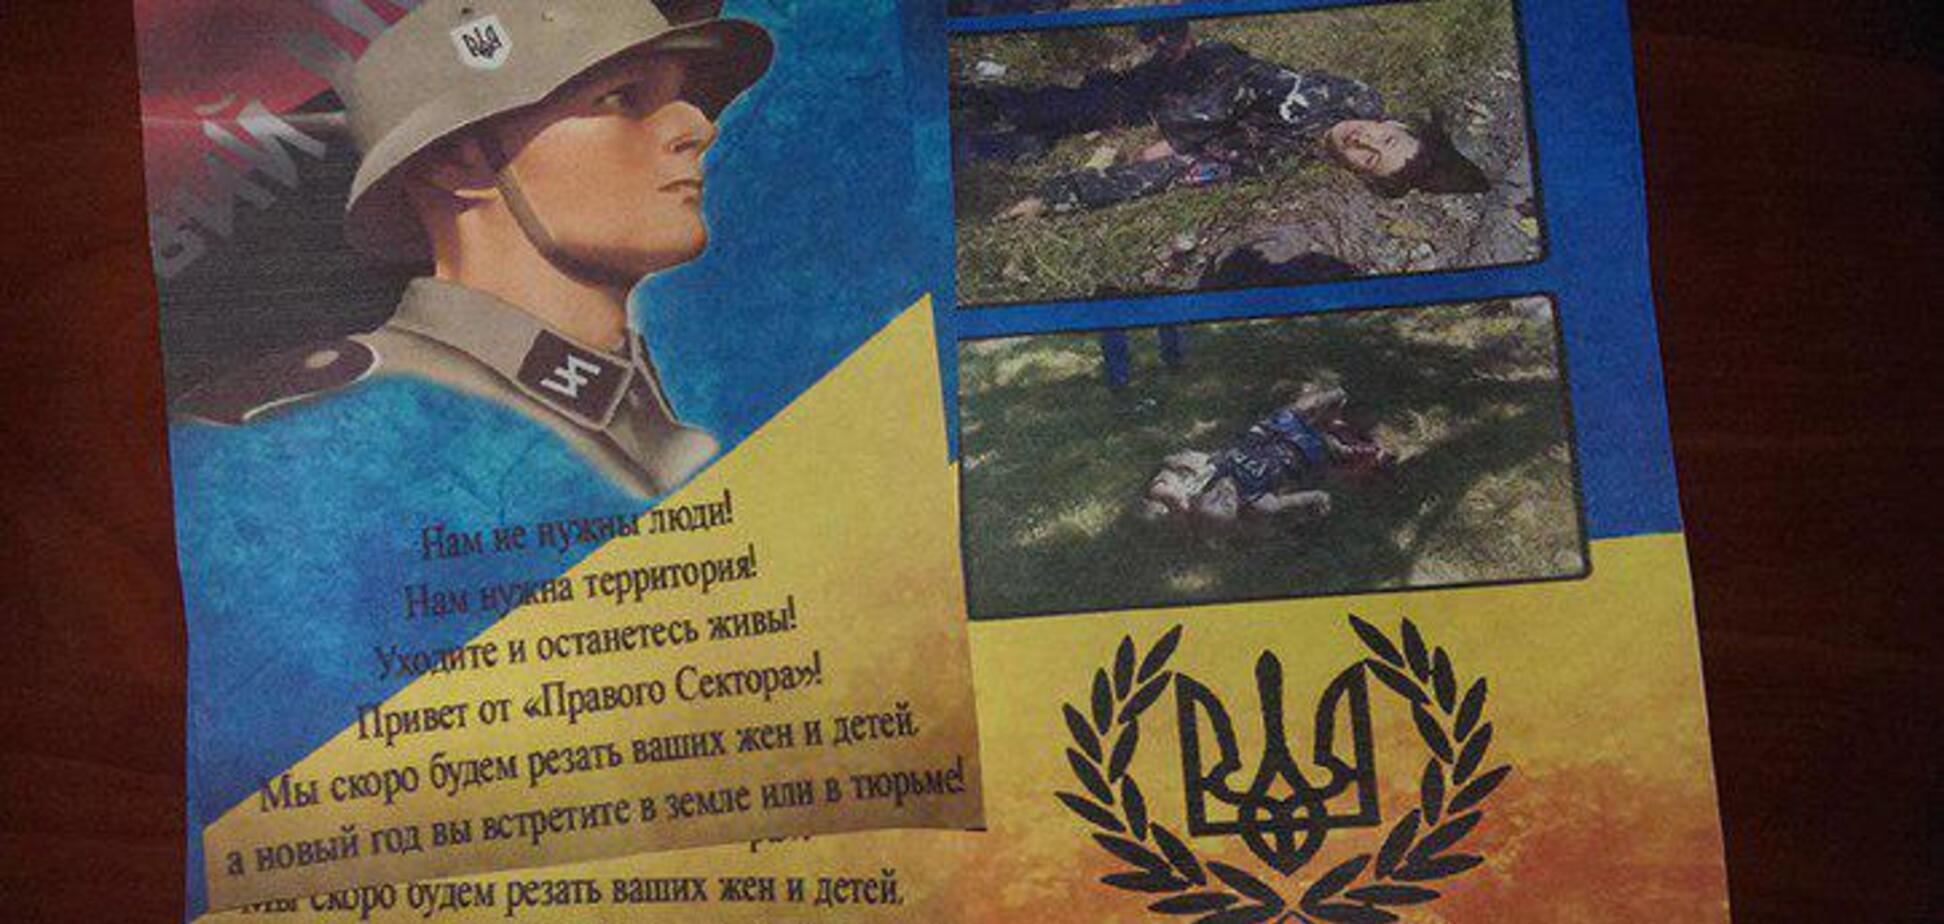 Опять 'распятые мальчики': жителей Донбасса запугали гнусным фейком об Украине